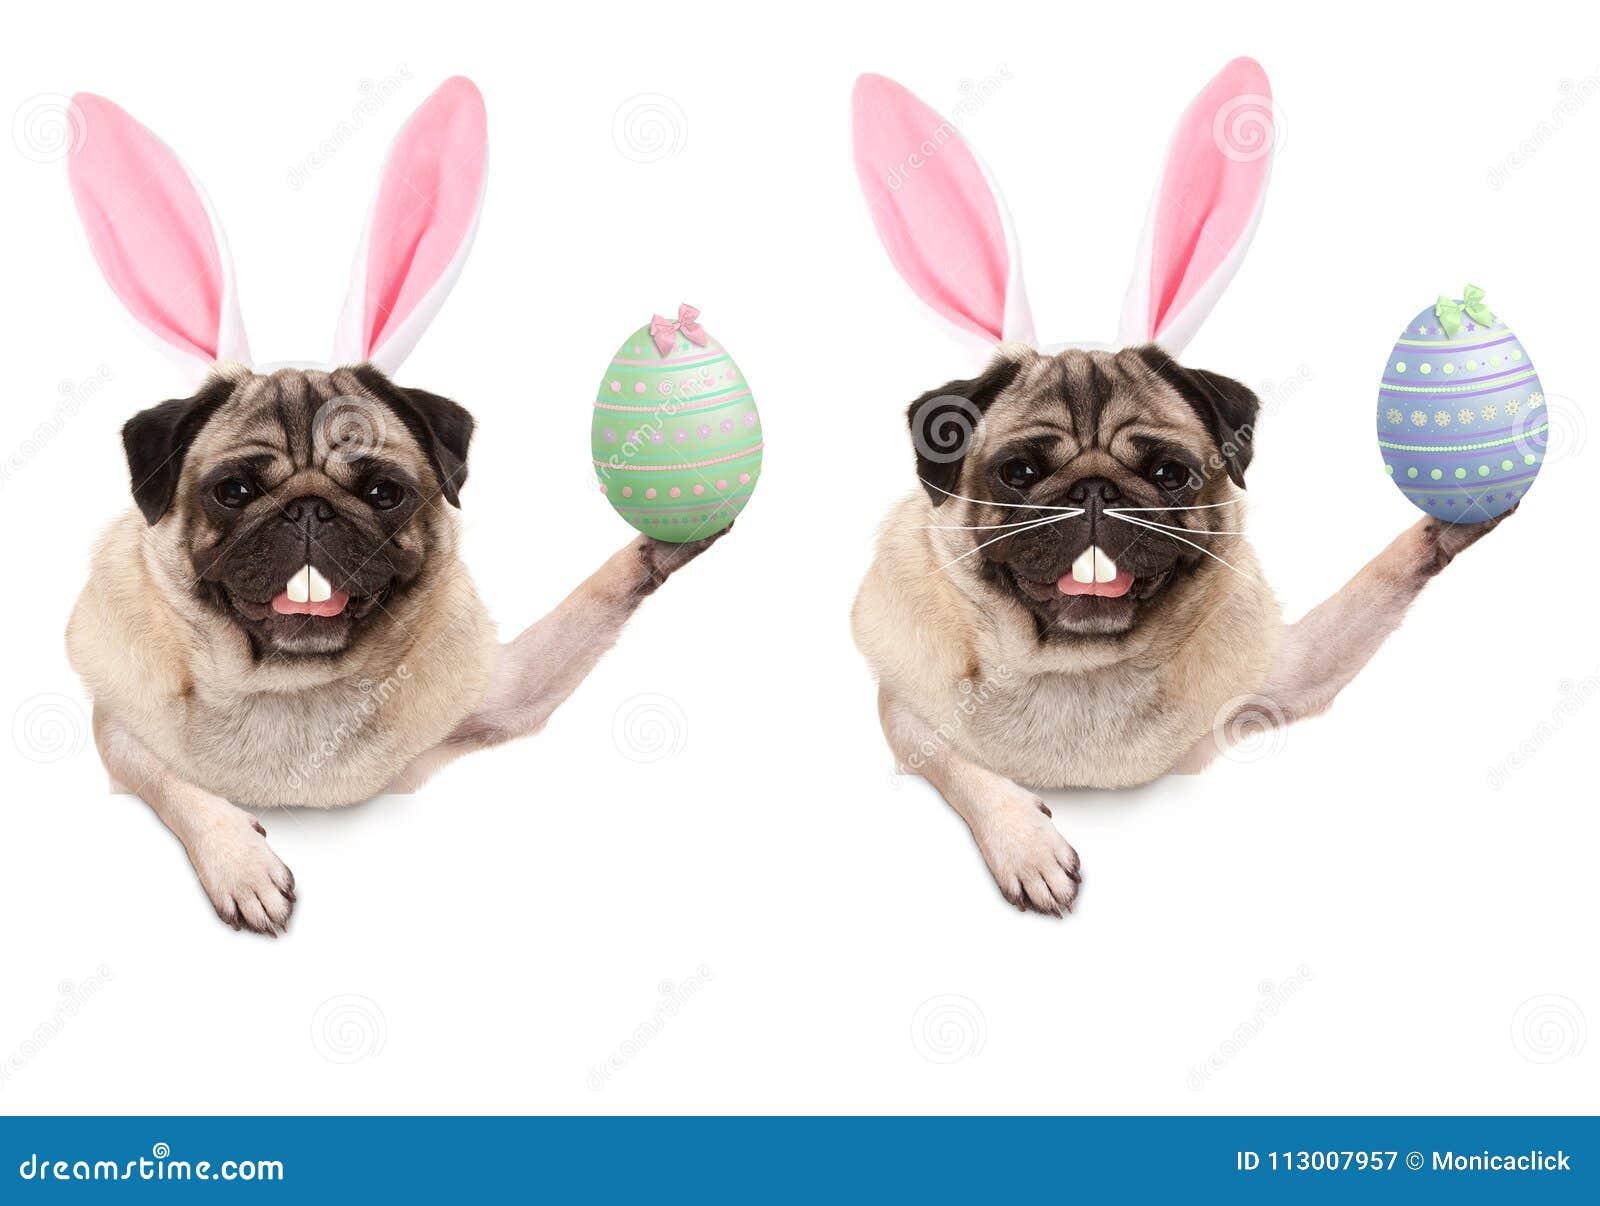 7d1ab078adda0 Cute Pug Puppy Dog With Bunny Ears Diadem